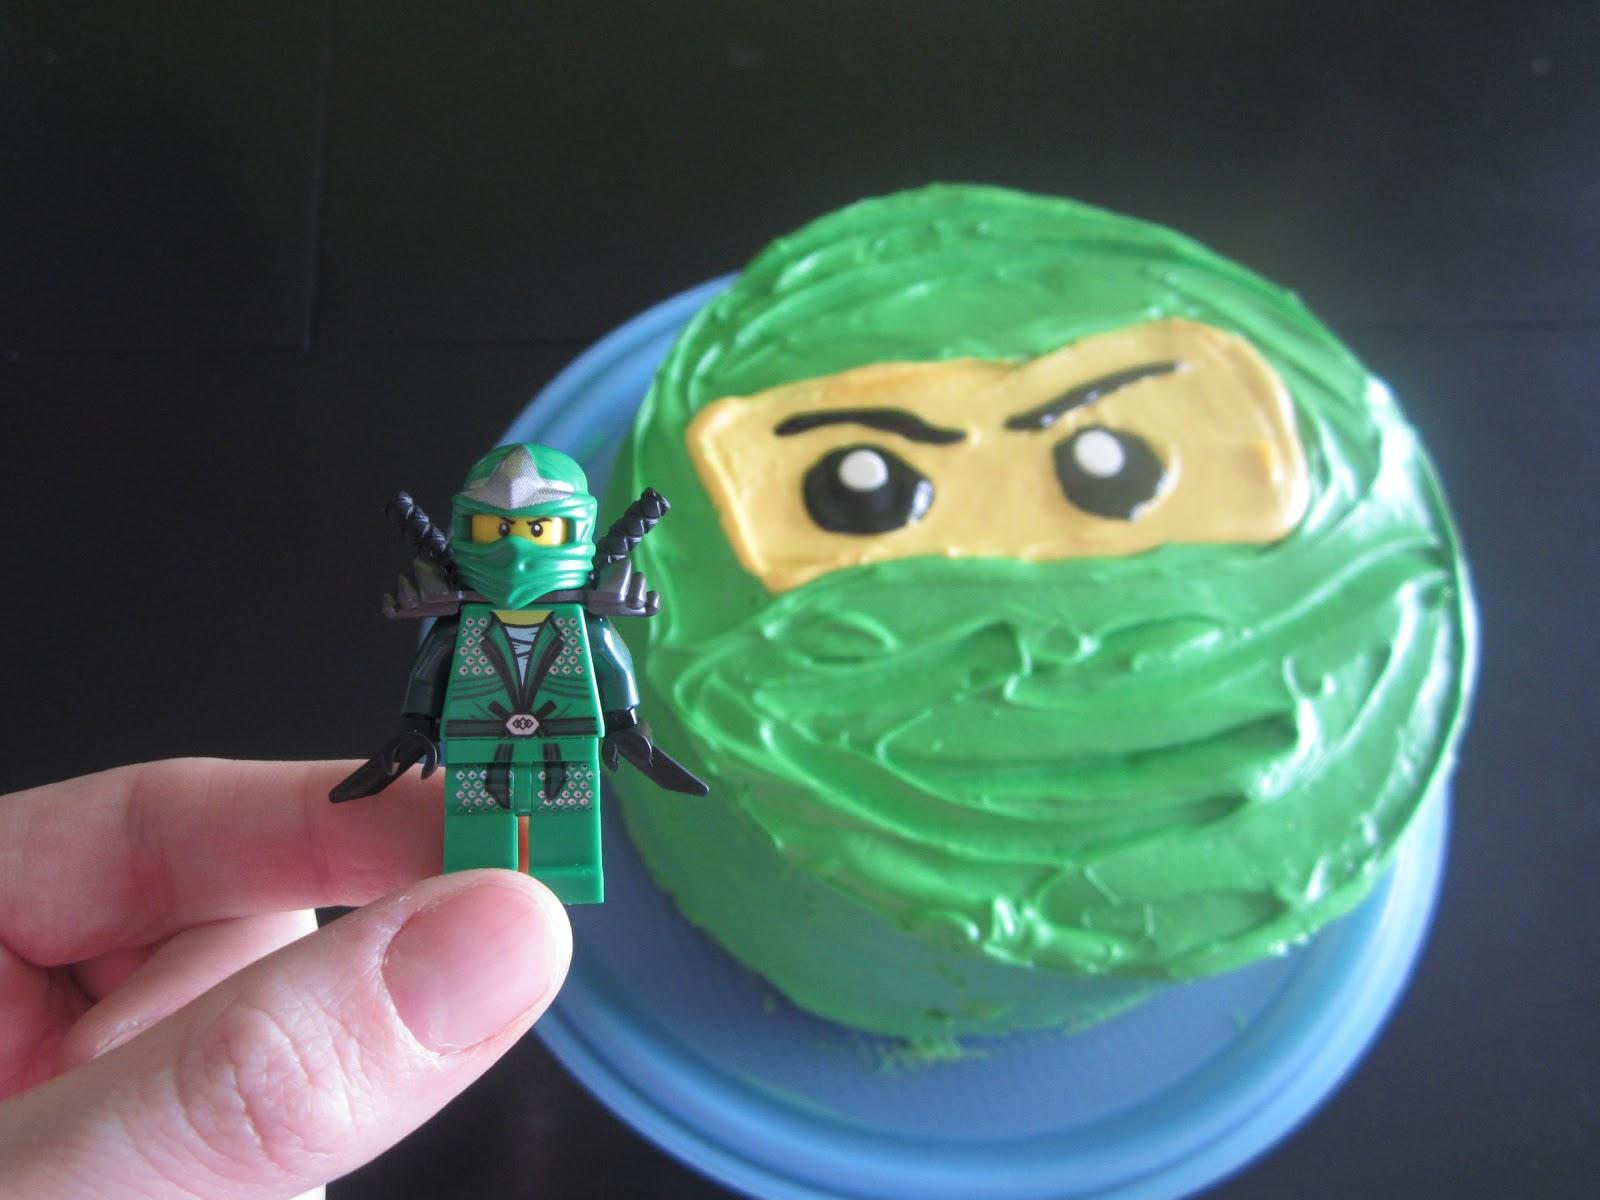 Lloyd Ninjago Cake And the ninjago cake.